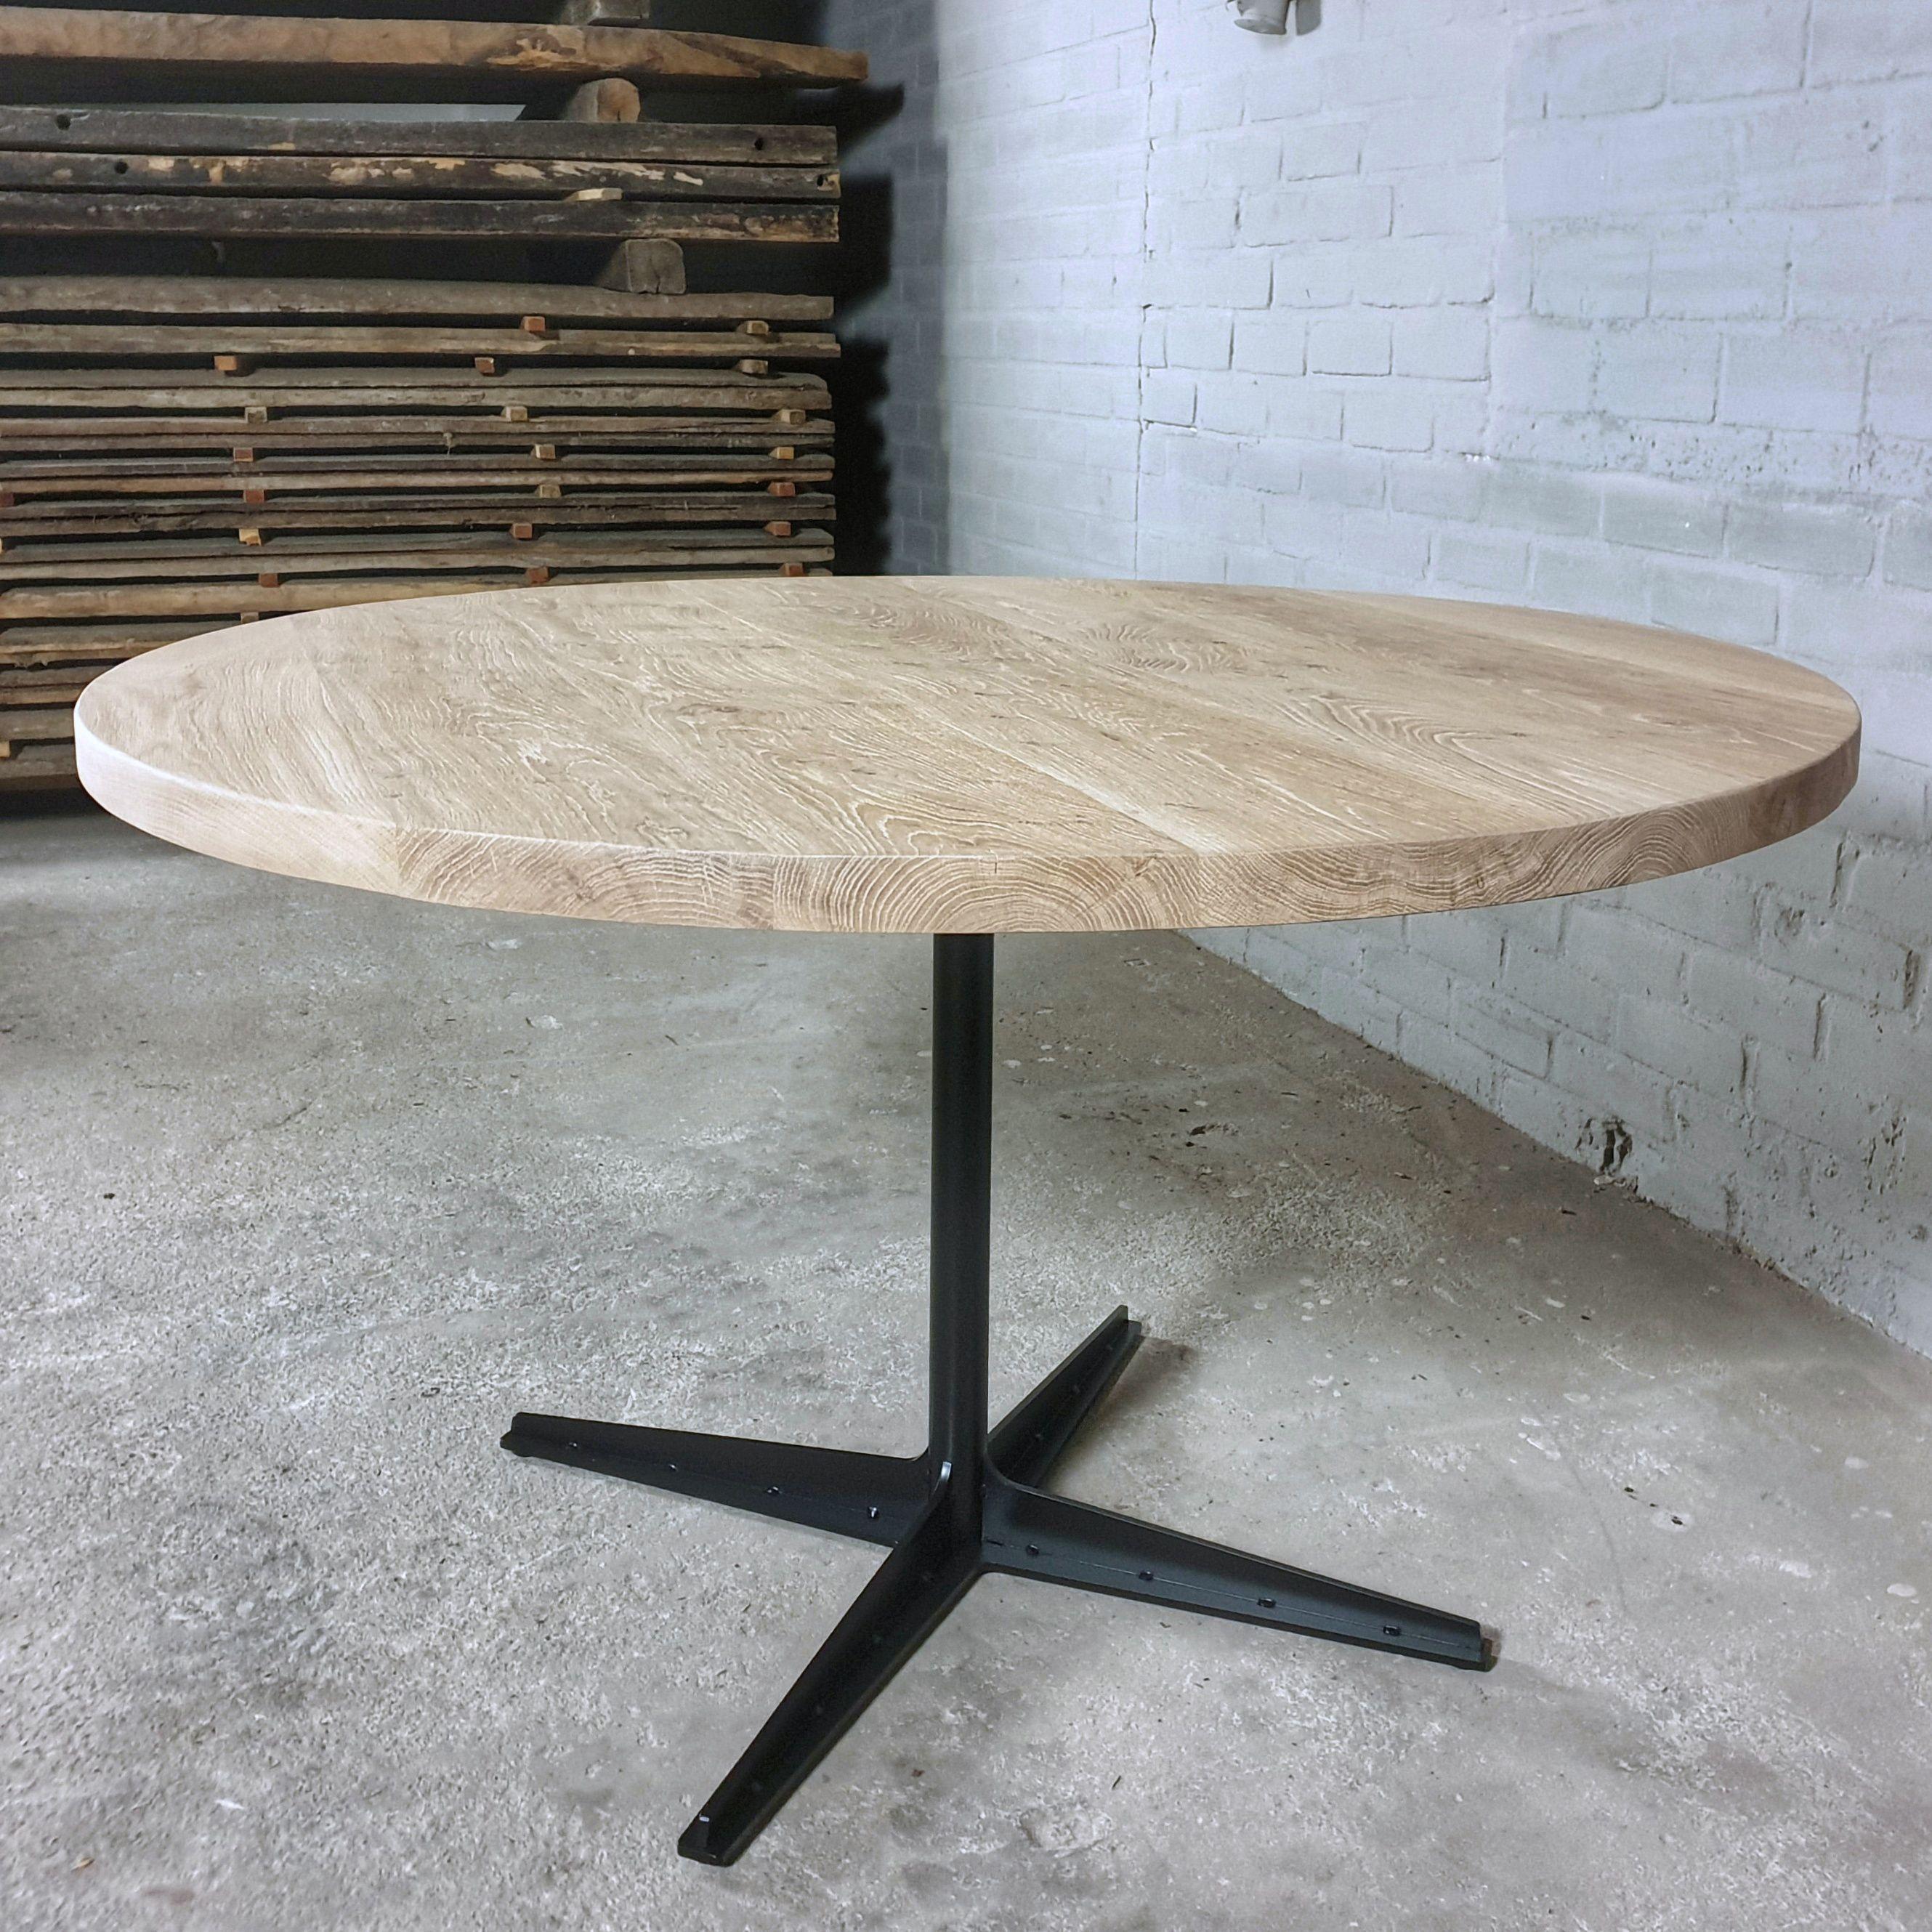 Runder Industrie Design Tisch in 2020 | Design tisch